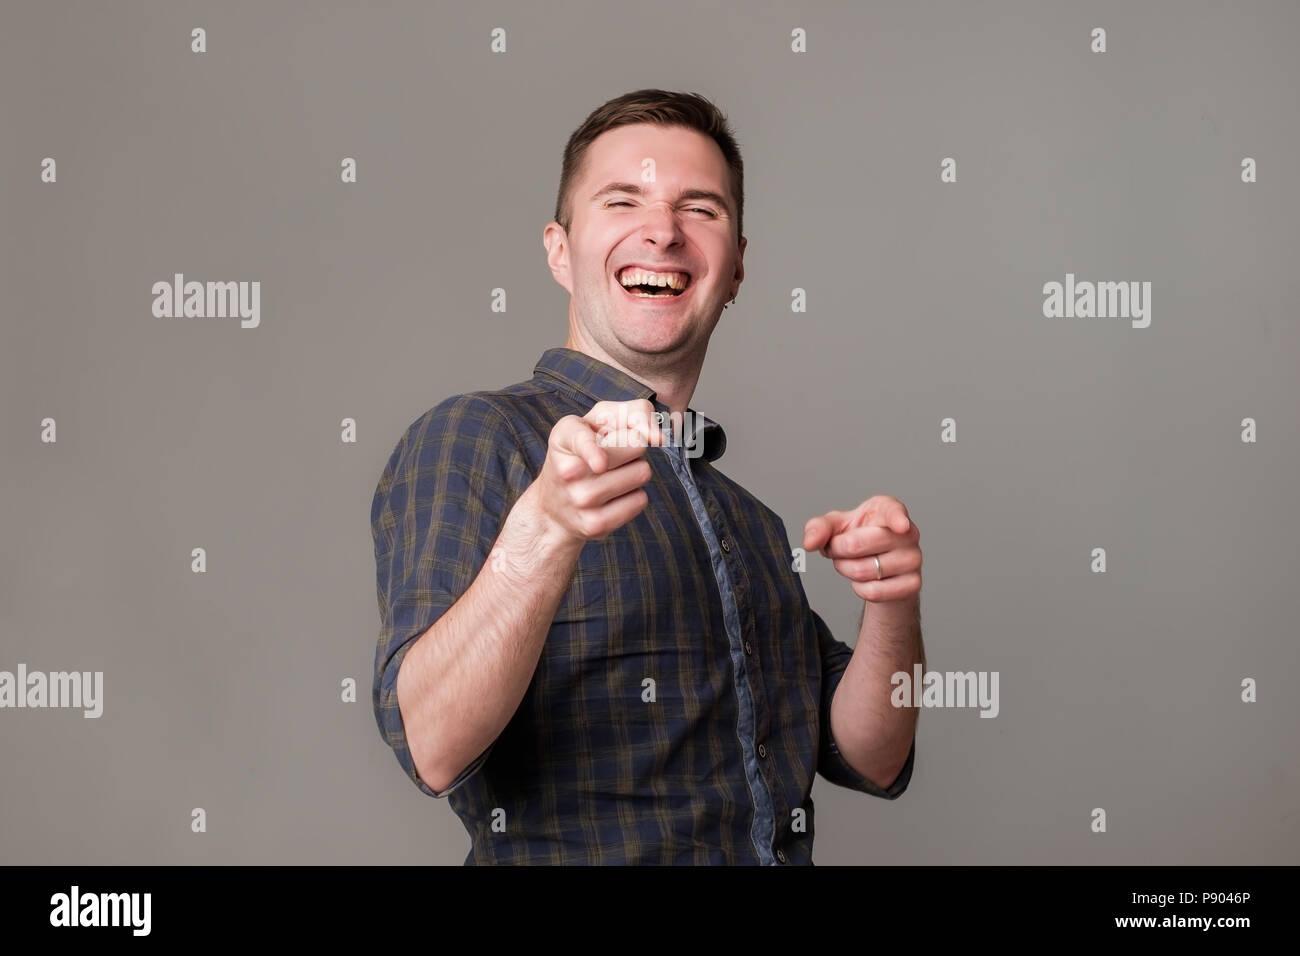 Bello eccitato europeo del giovane uomo sorridente denti rivolti a voi. Immagini Stock